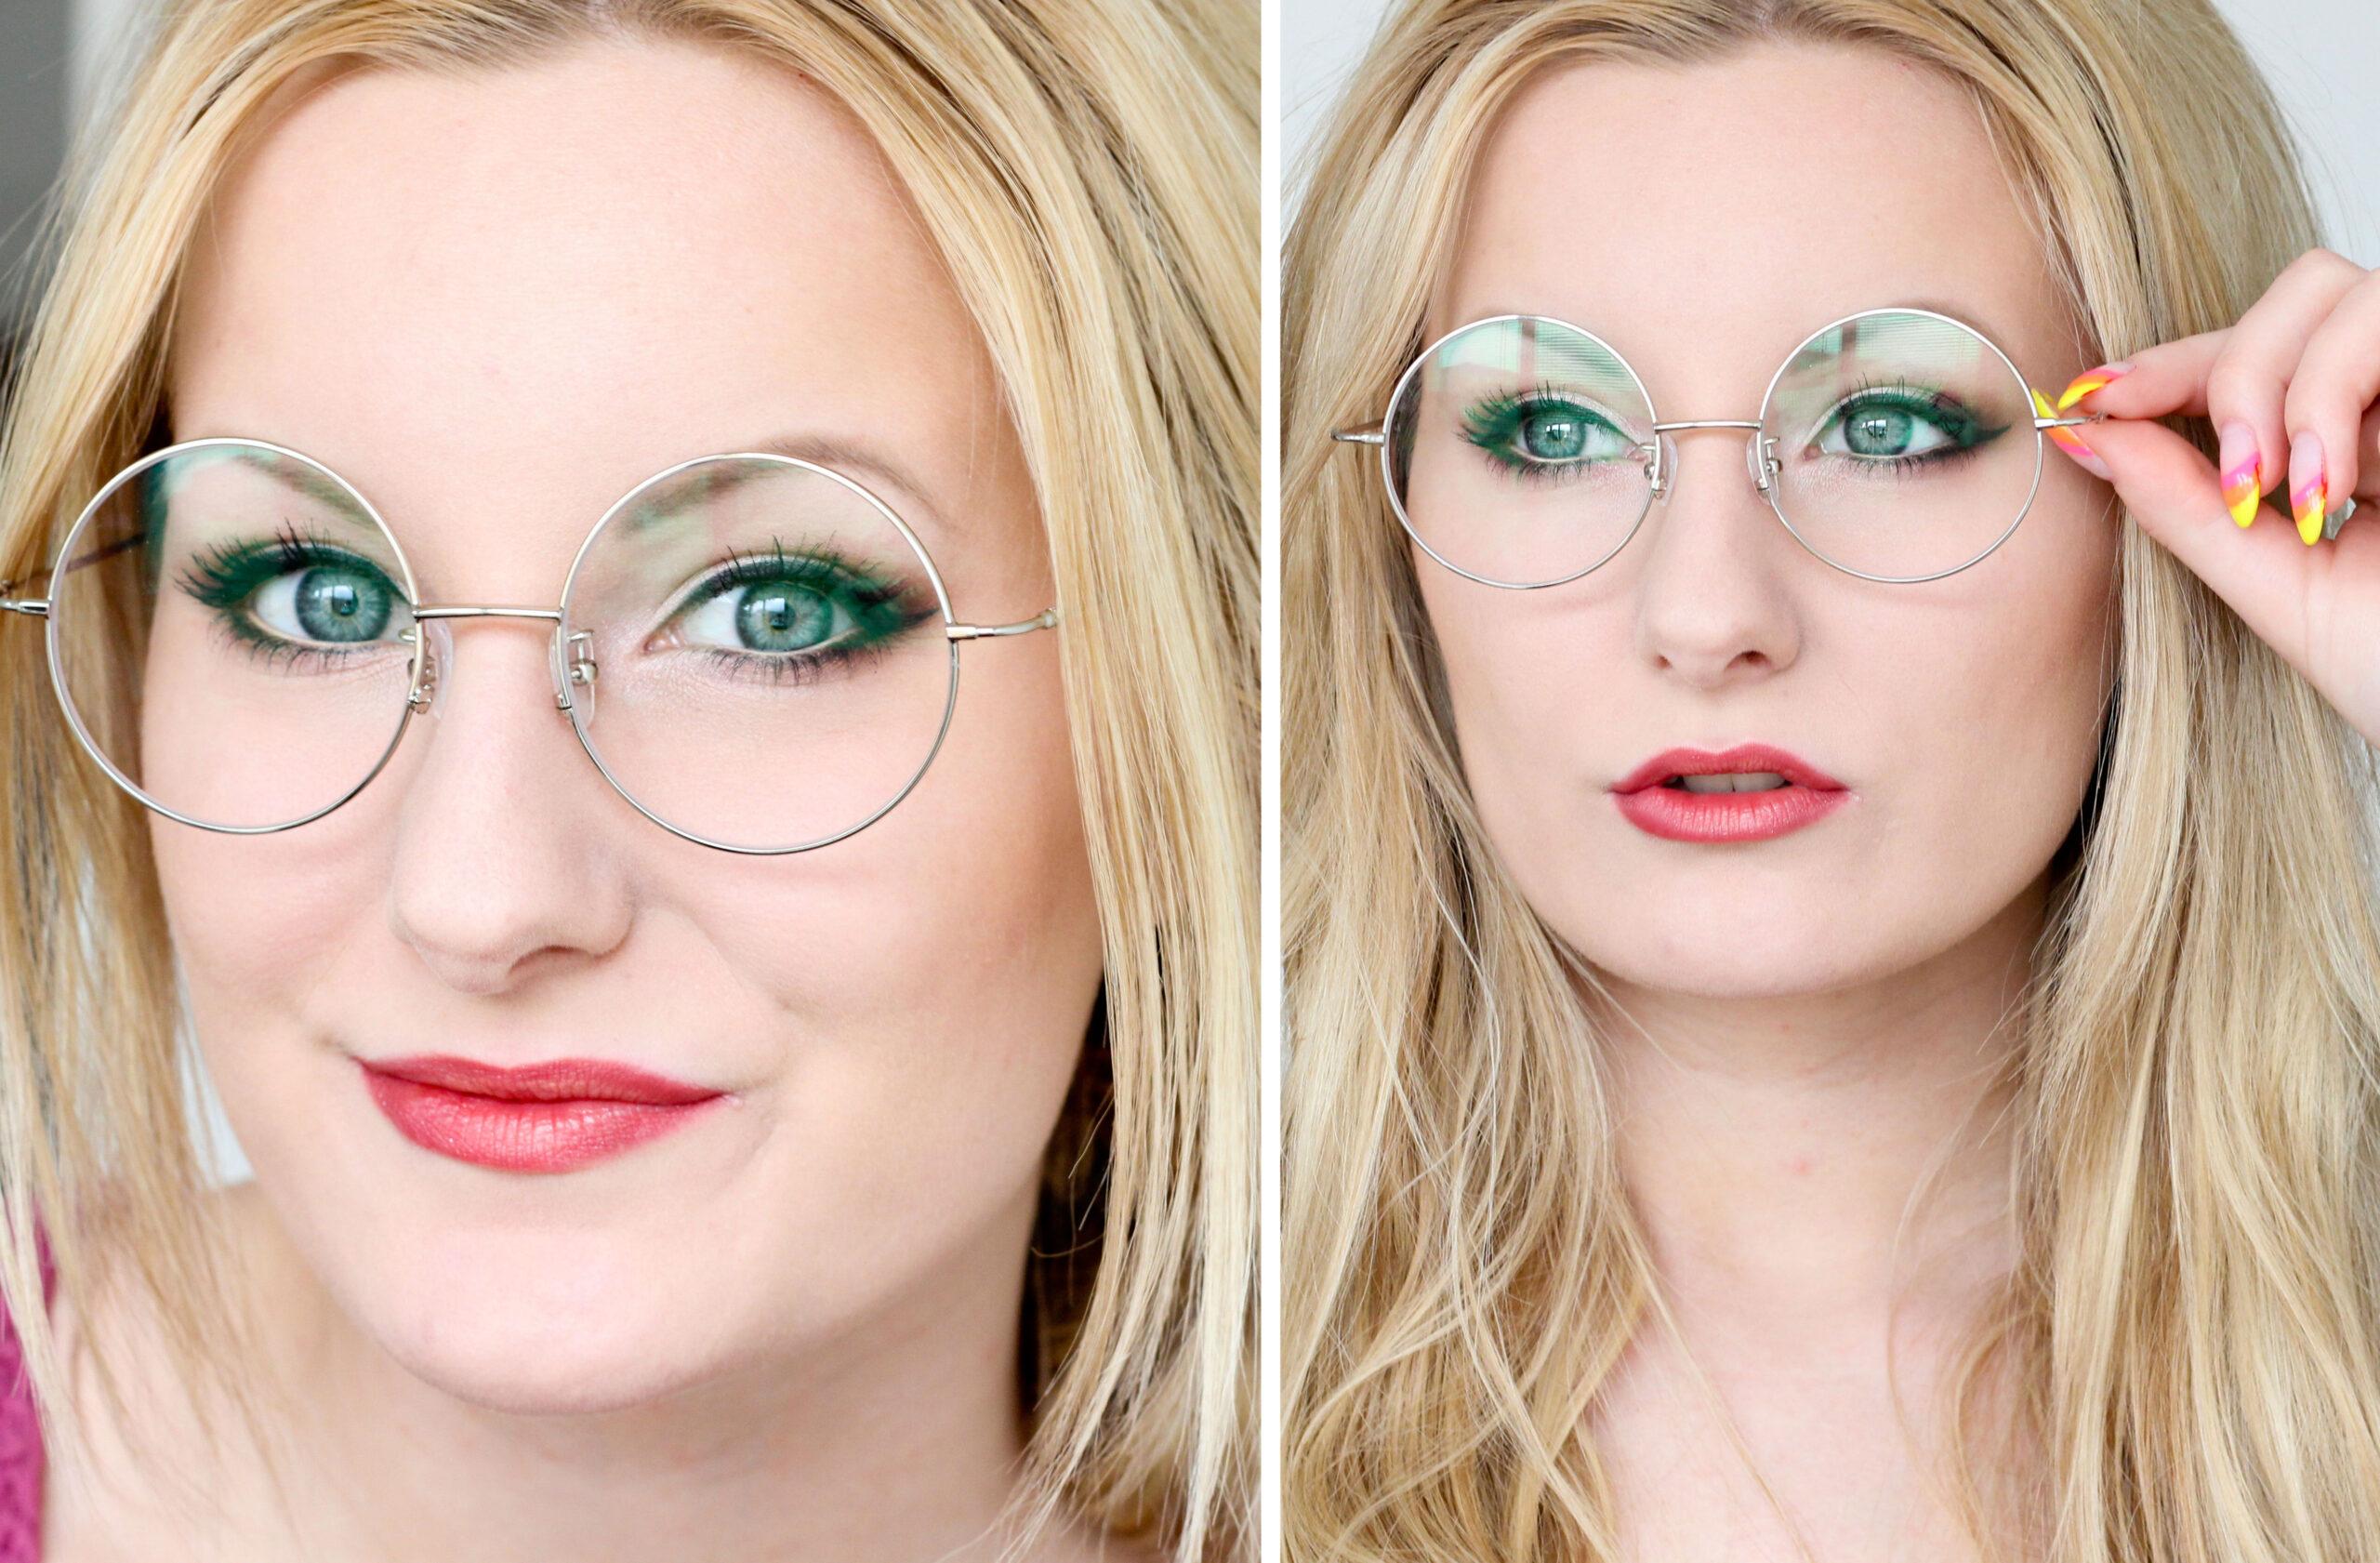 hela samlingen mysig färsk varm försäljning online Sminktips till glasögon | Imakeyousmile.se